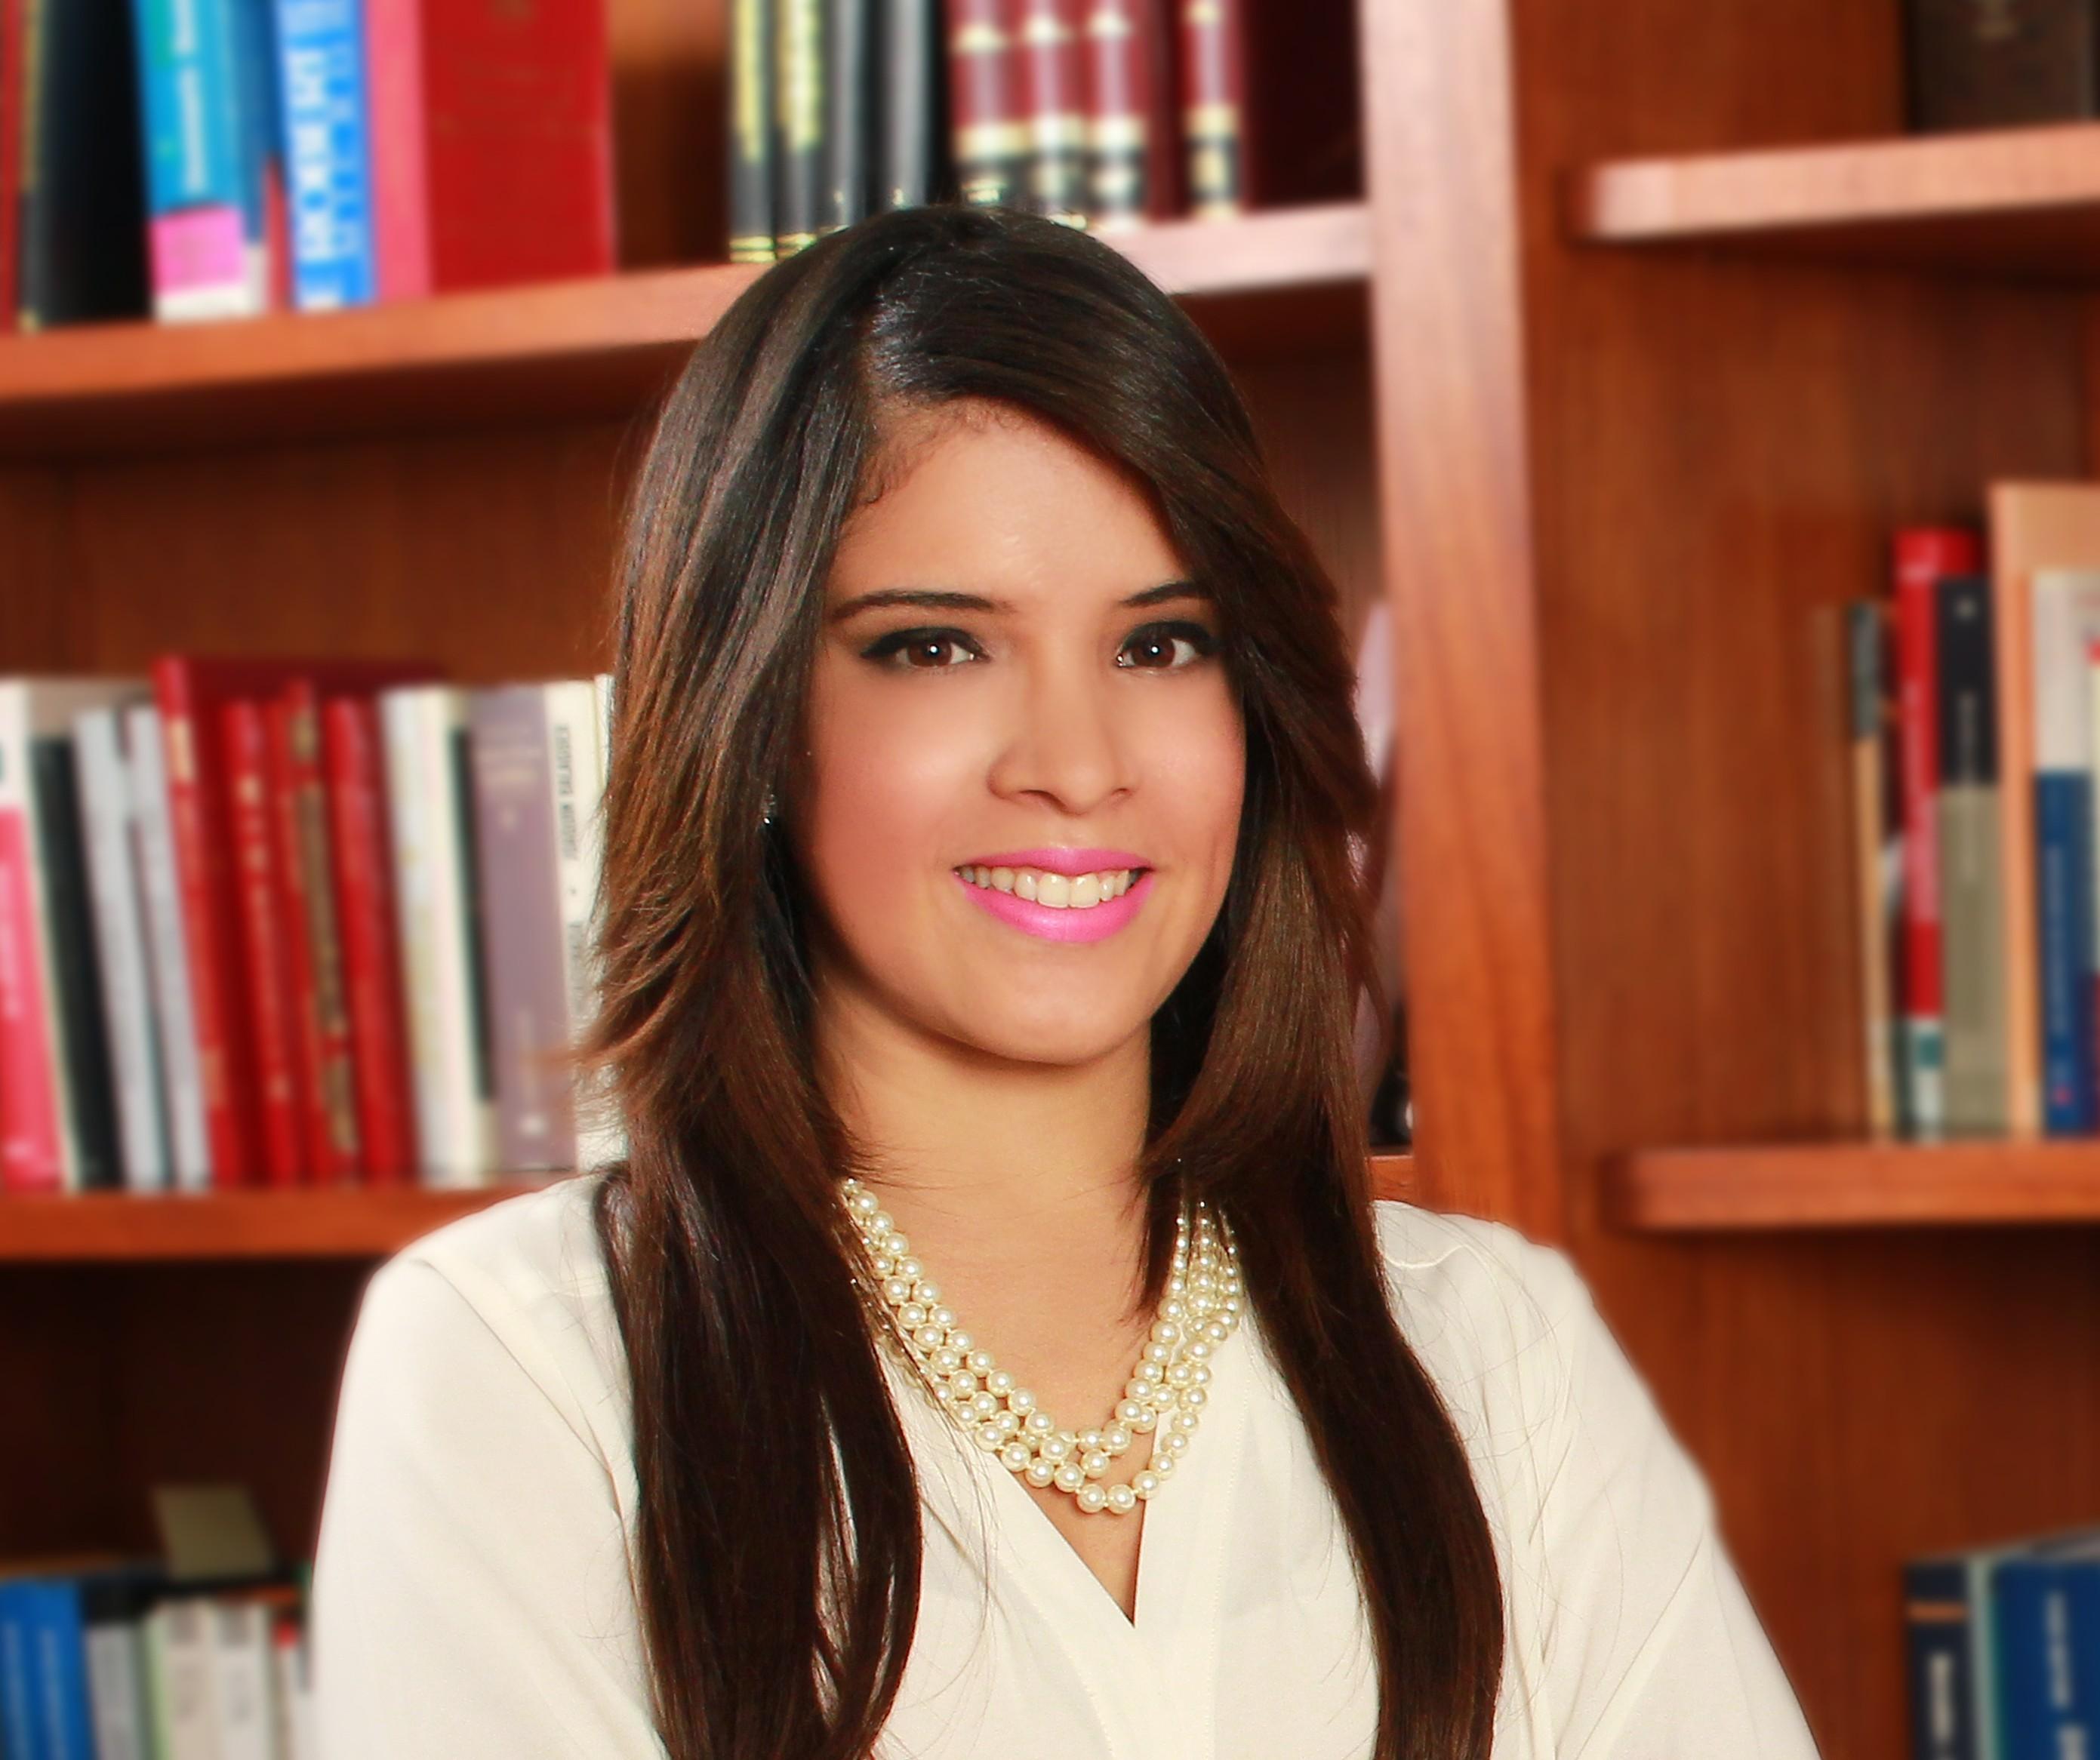 Janna Paola Aranjo